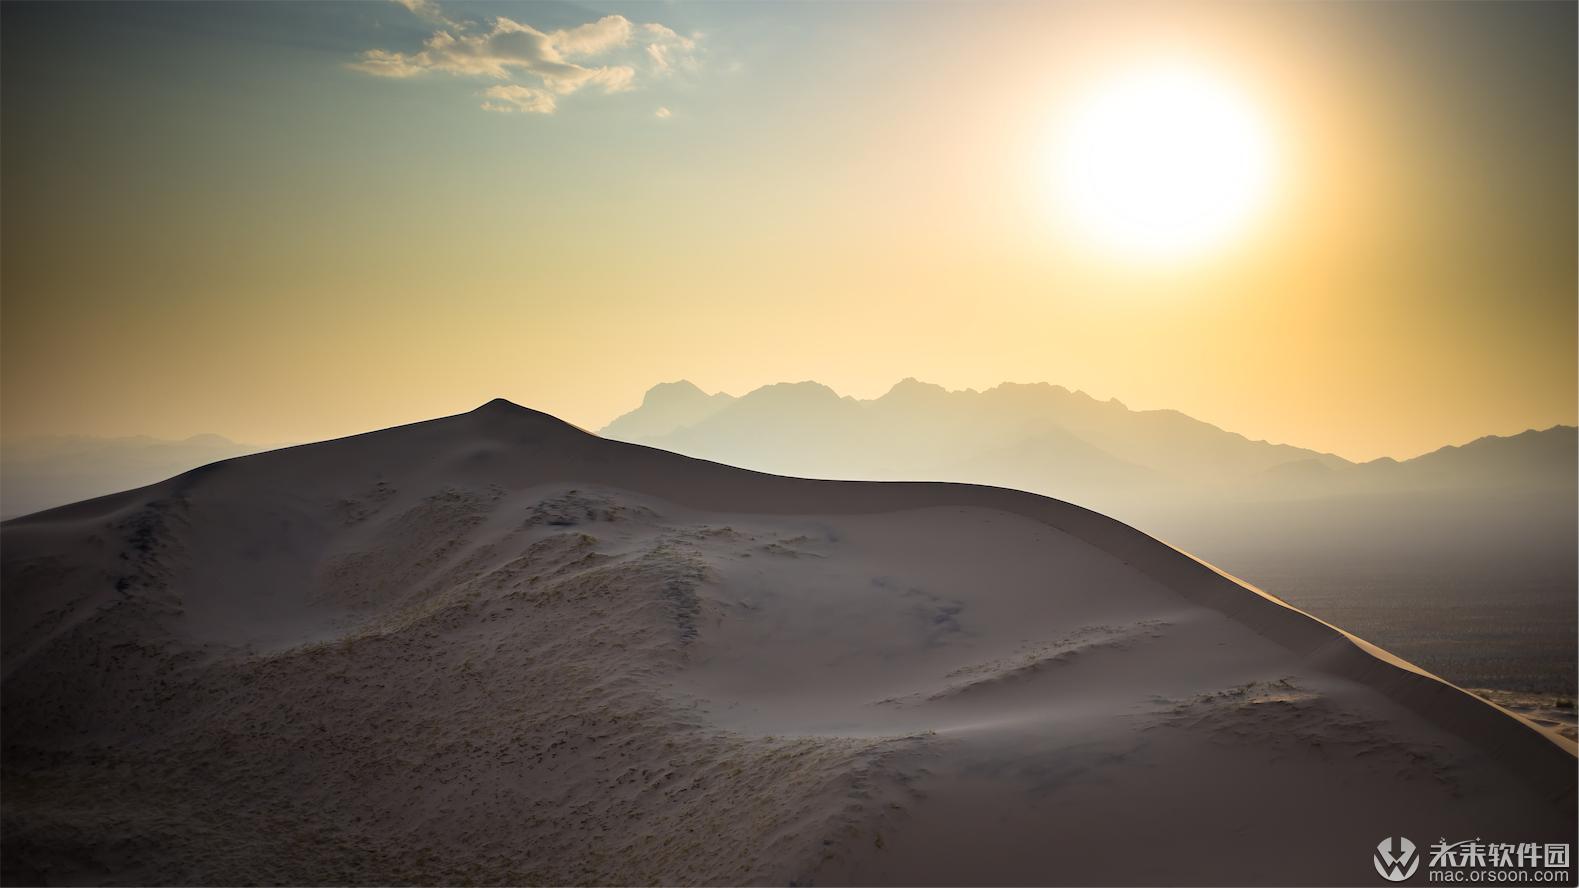 莫哈韦沙漠沙丘风光壁纸